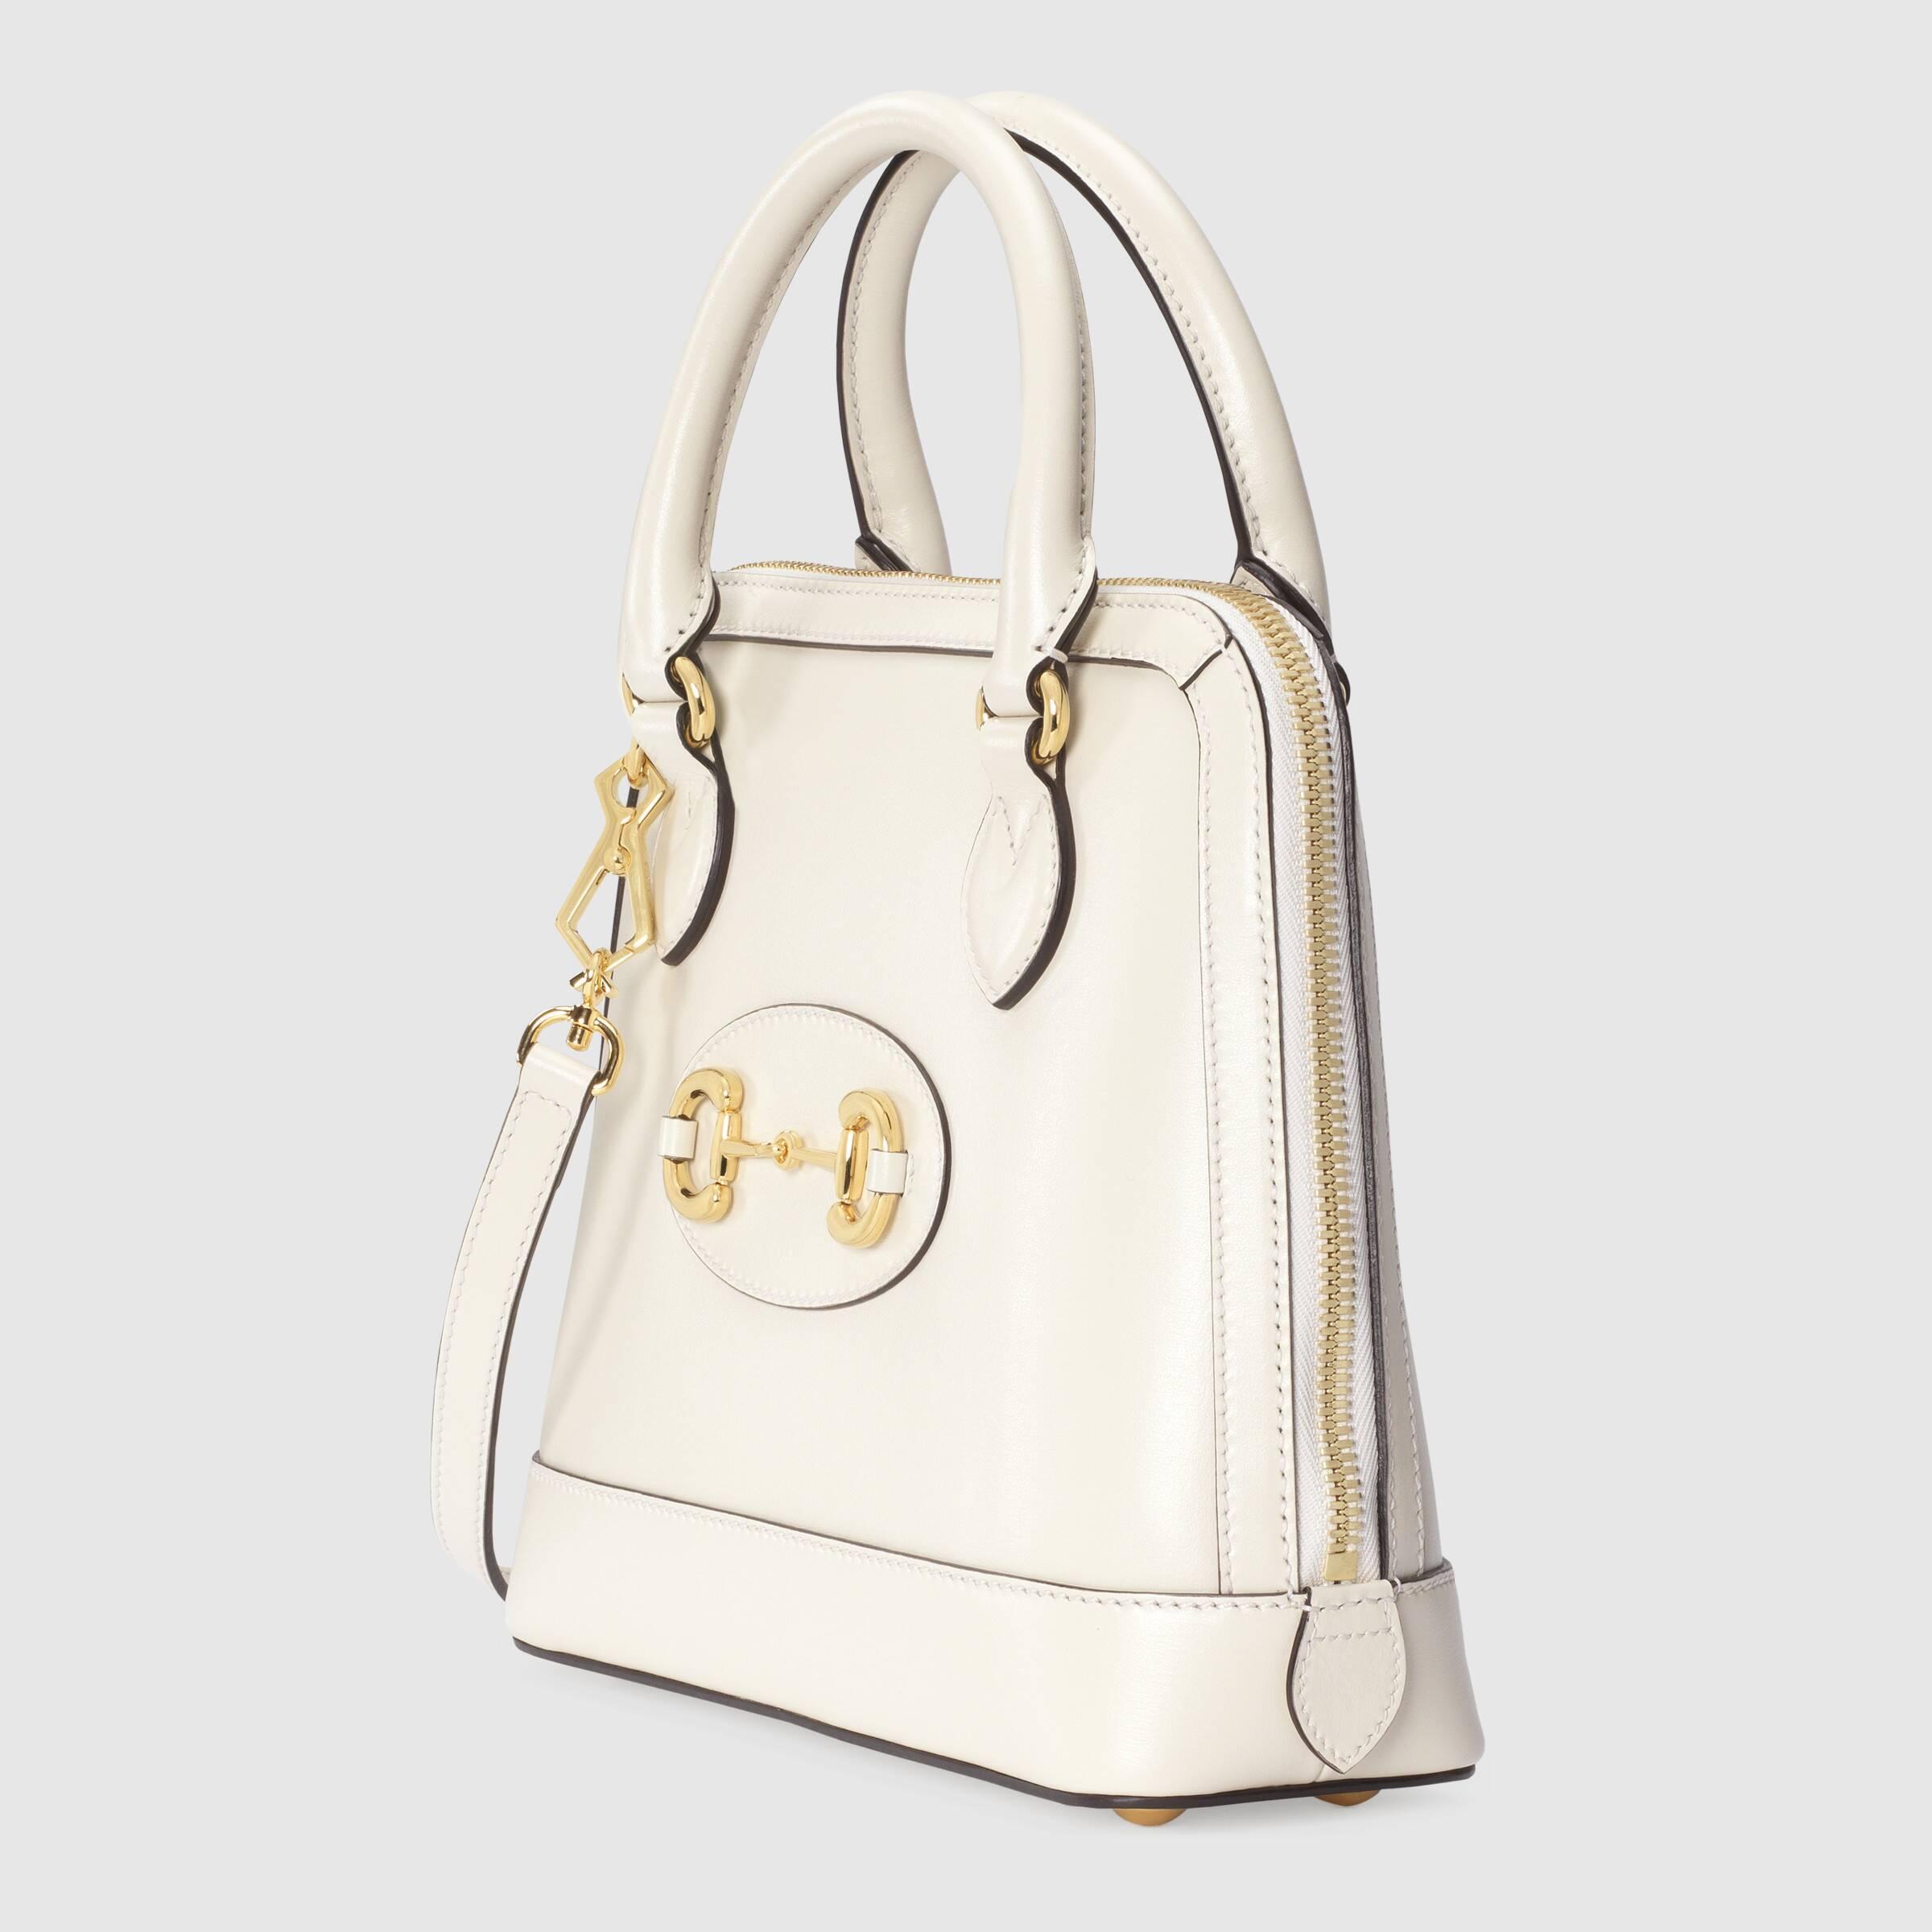 유럽직배송 구찌 토트백 GUCCI 1955 Horsebit small top handle bag 6212200YK0G9022